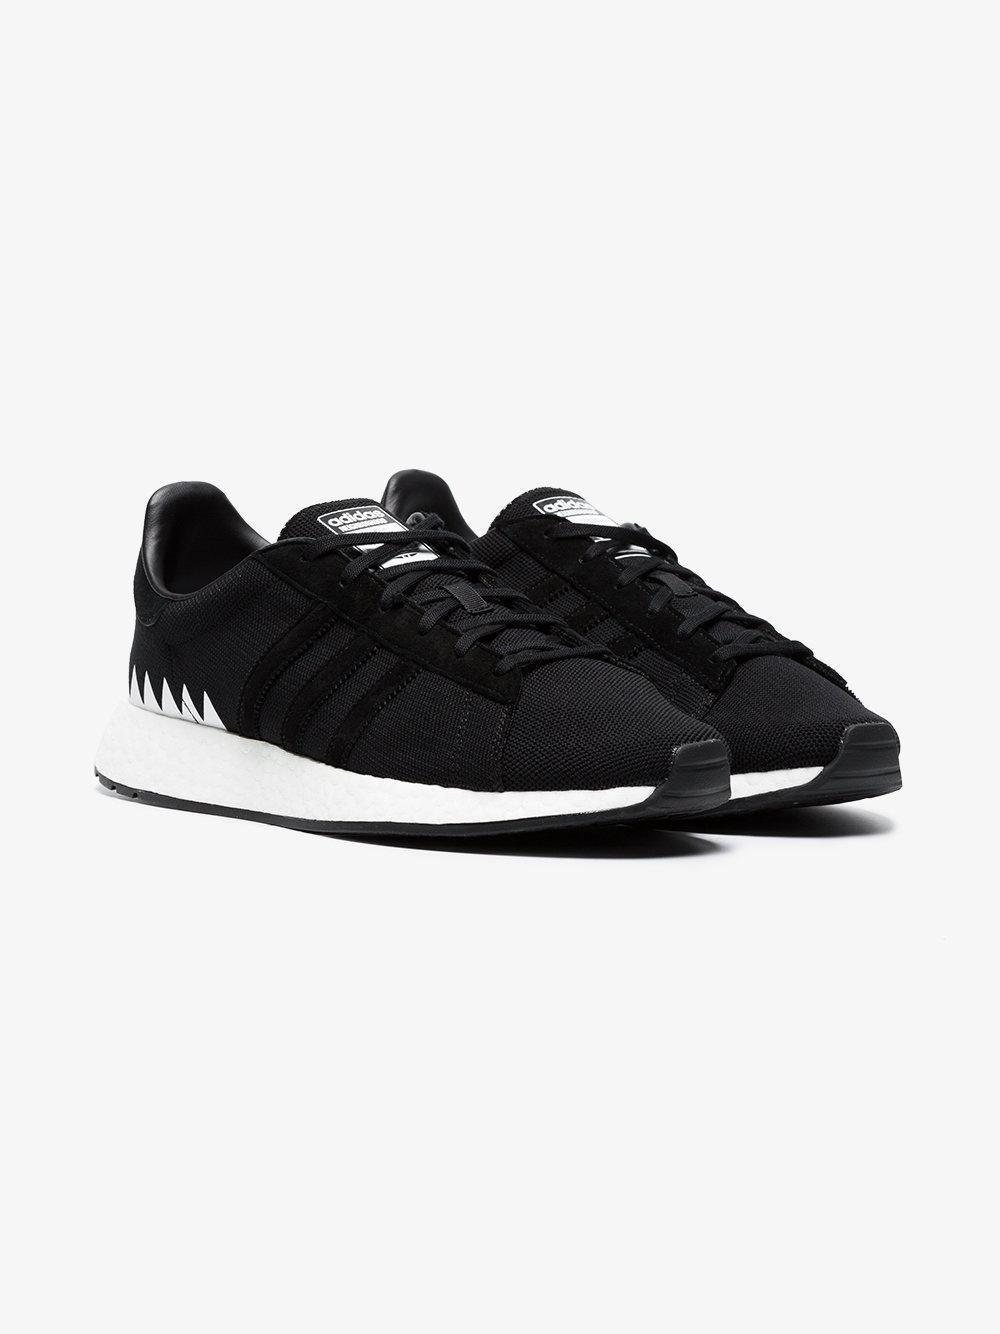 Lyst Adidas x Adidas Chop Shop zapatillas en negro para hombres save 50%